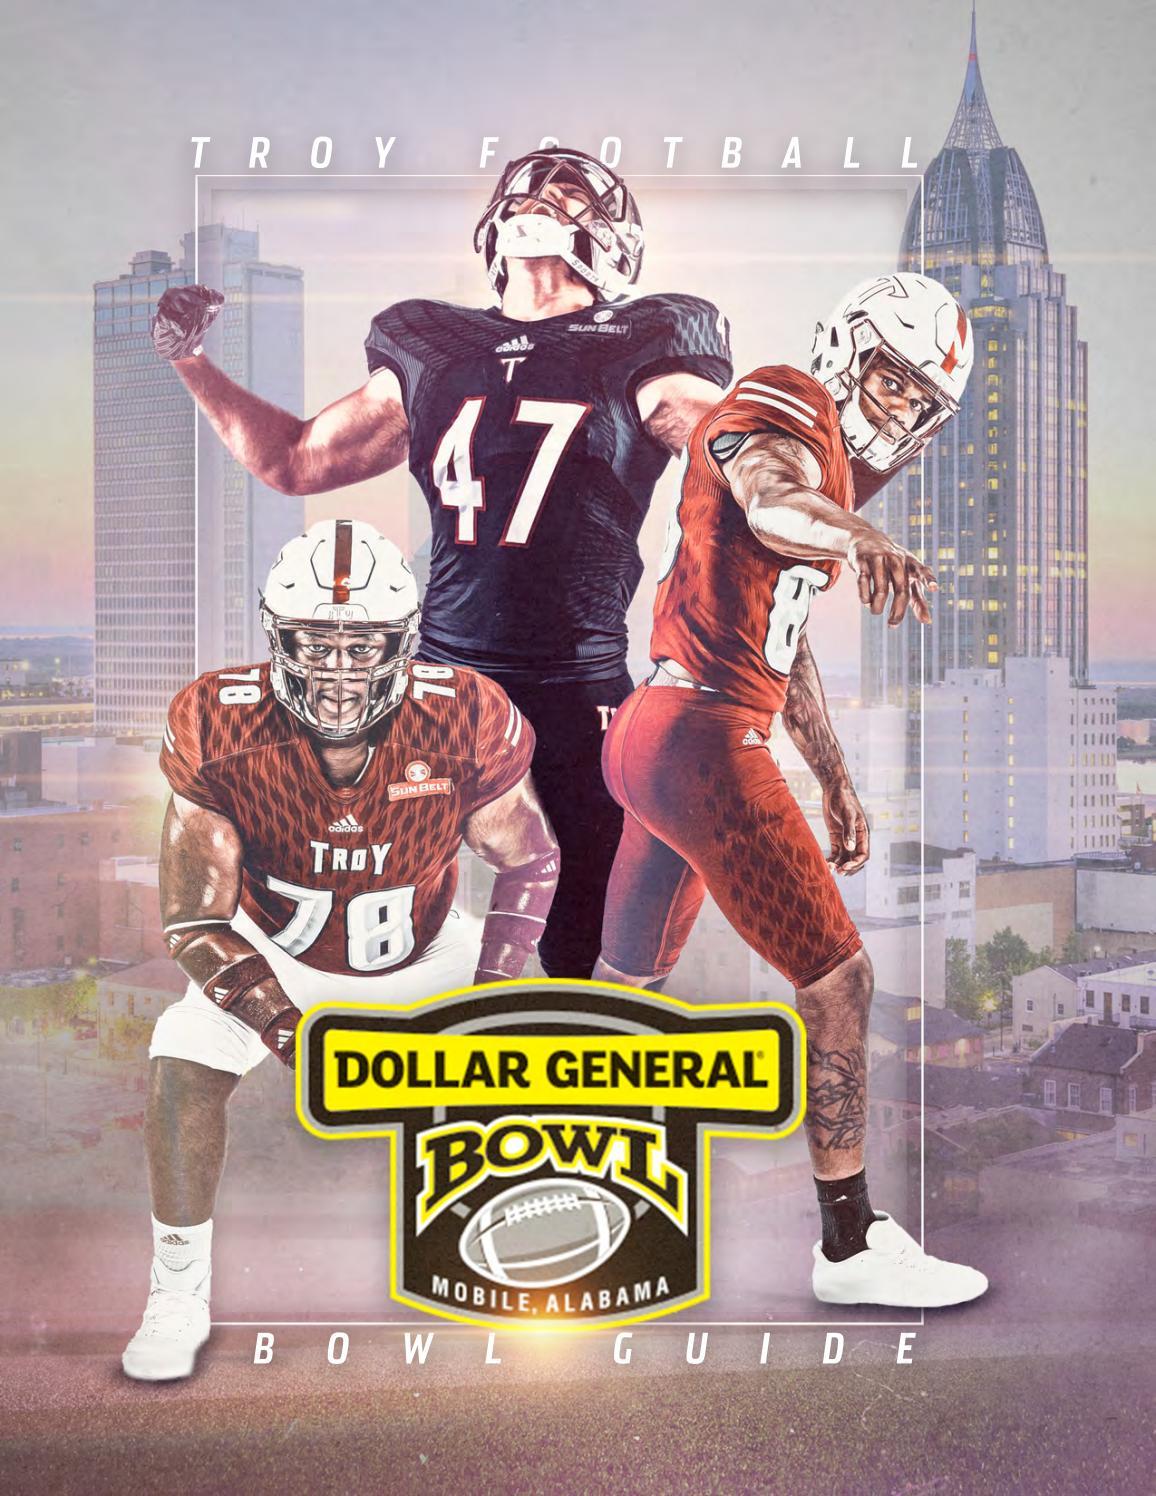 c3f526553 2018 Troy Football - Dollar General Bowl Guide by Troy University Athletics  - issuu